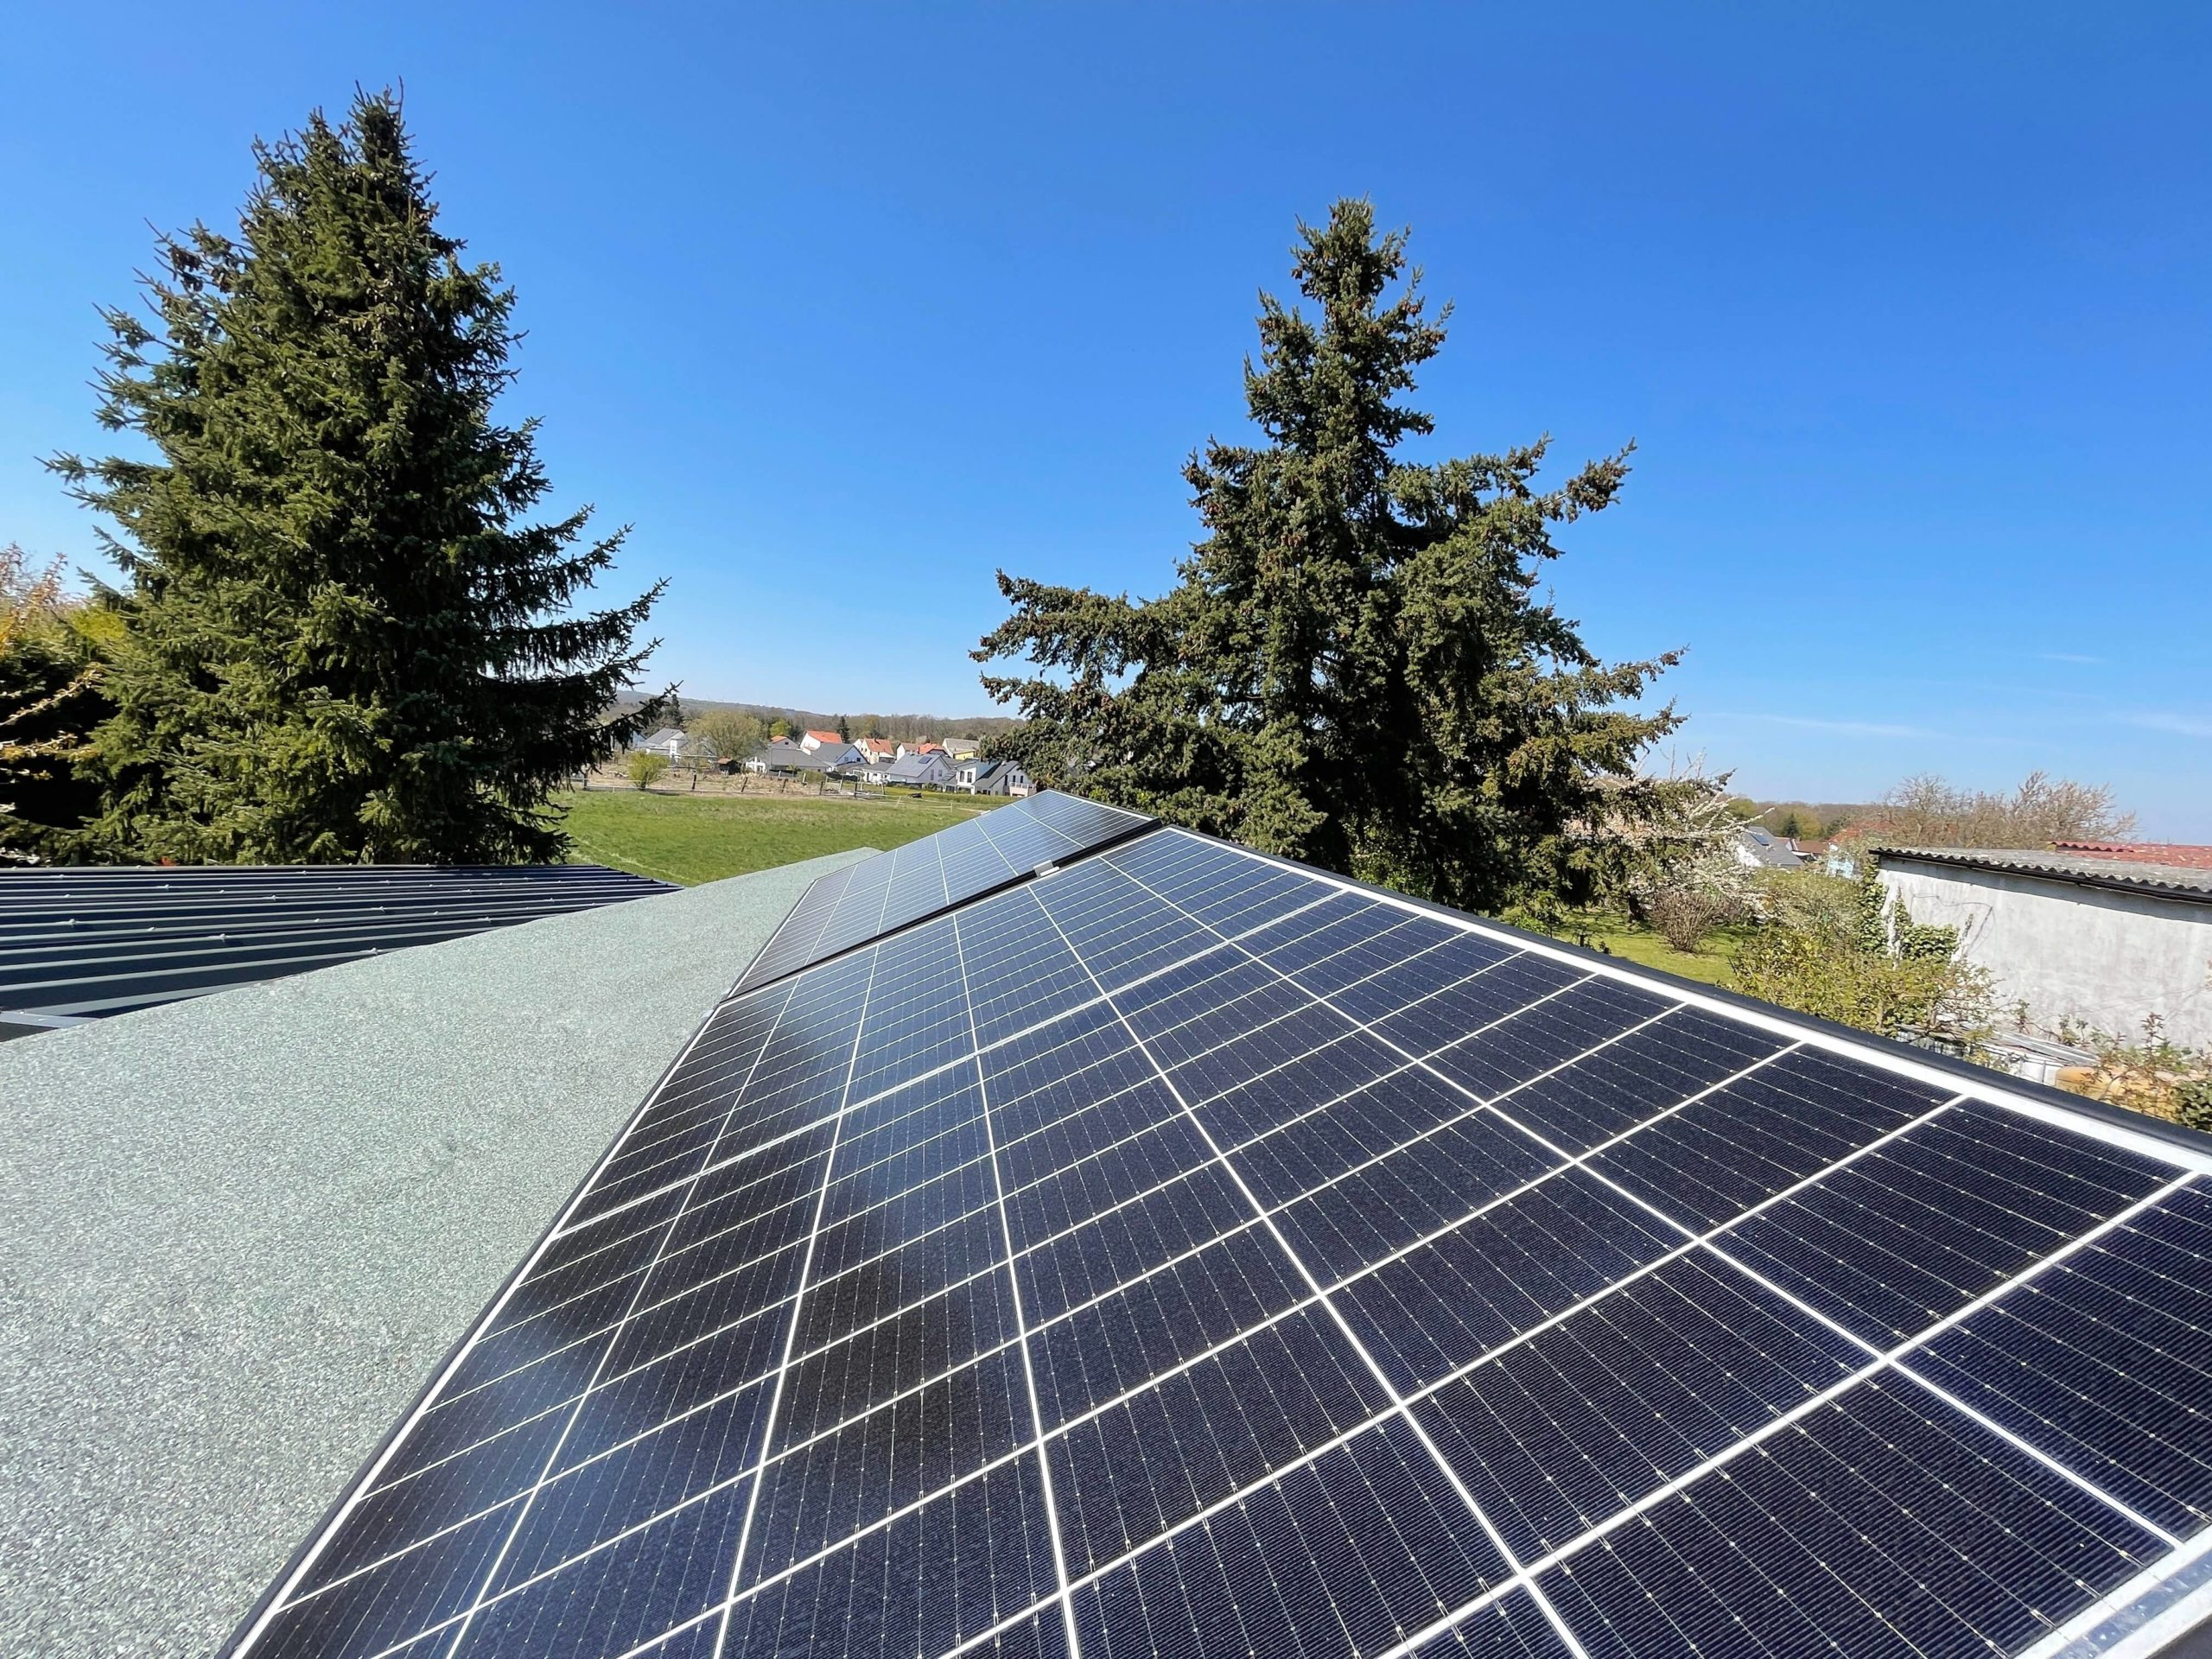 Solarstrom-fuer-das-SmartHome-selbst-produzieren-und-Geld-sparen21-scaled Solarstrom für das SmartHome - Grundverbauch selbst produzieren und Geld sparen